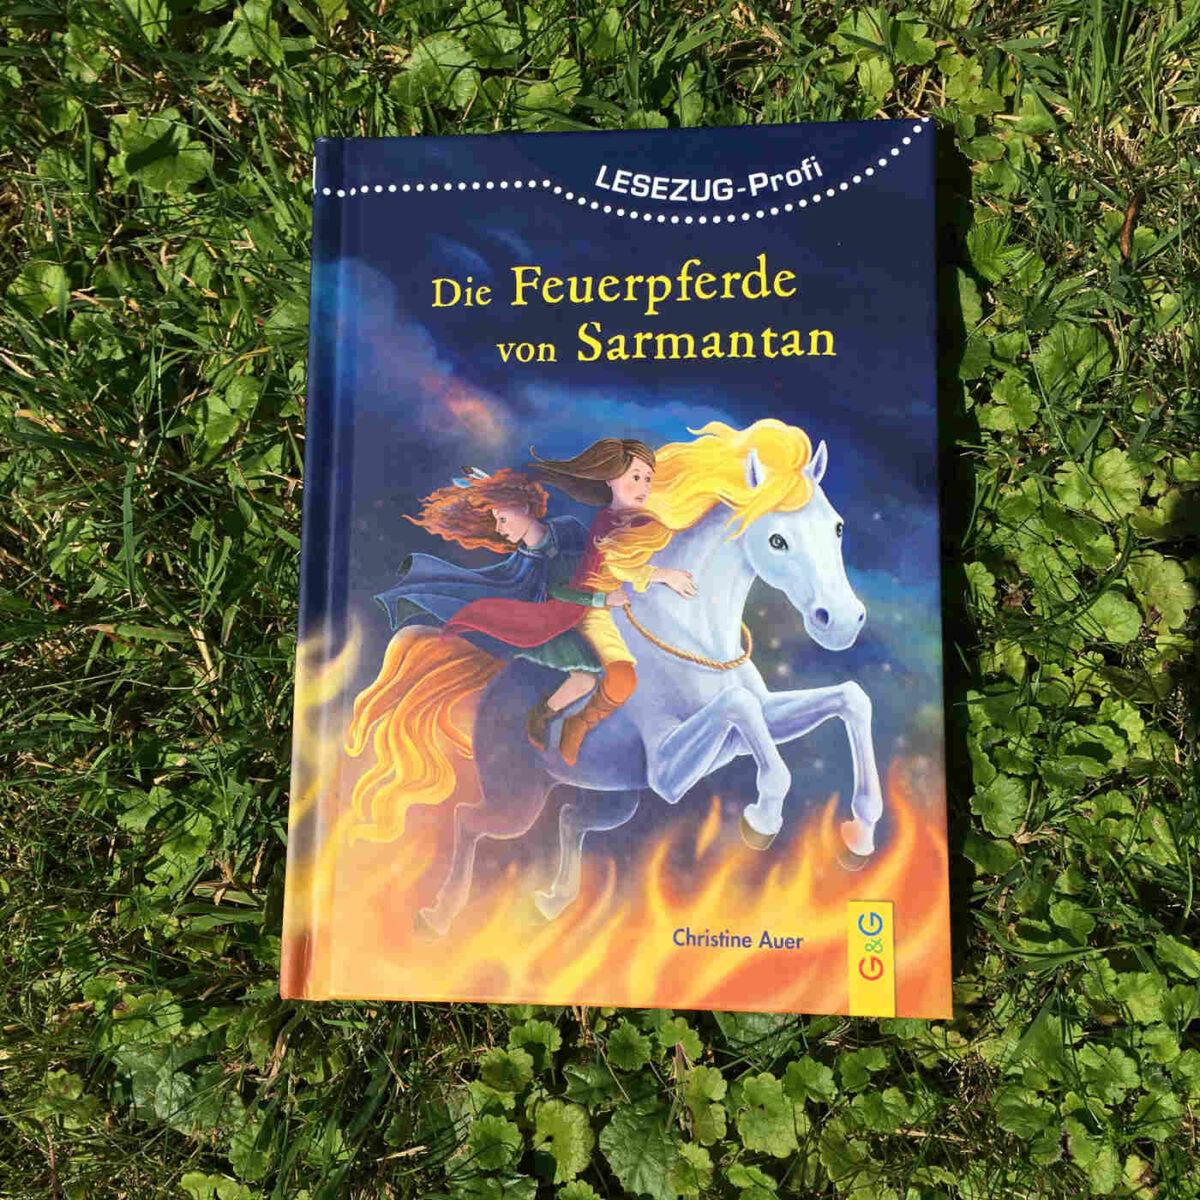 Christine Auer: Die Feuerpferde von Sarmantan